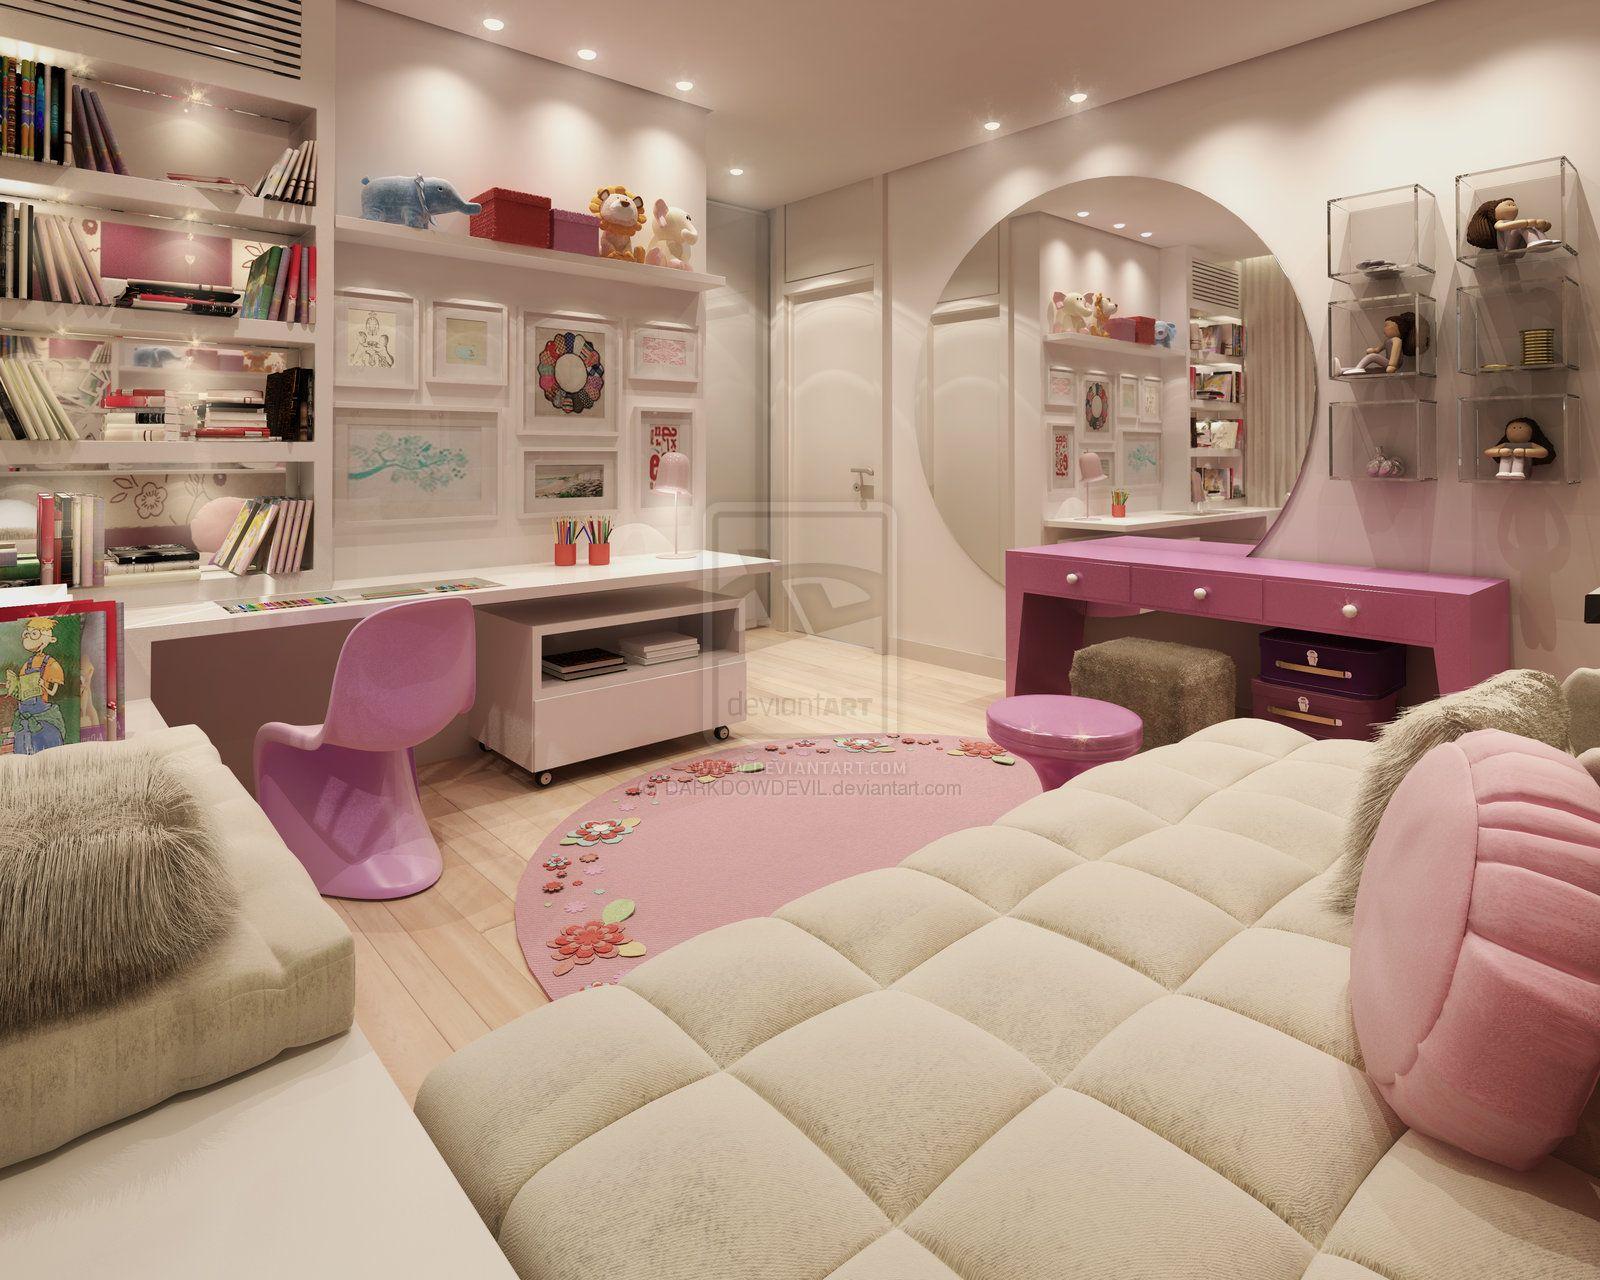 80 lits et chambres qui vous donneront envie d 39 aller vous. Black Bedroom Furniture Sets. Home Design Ideas